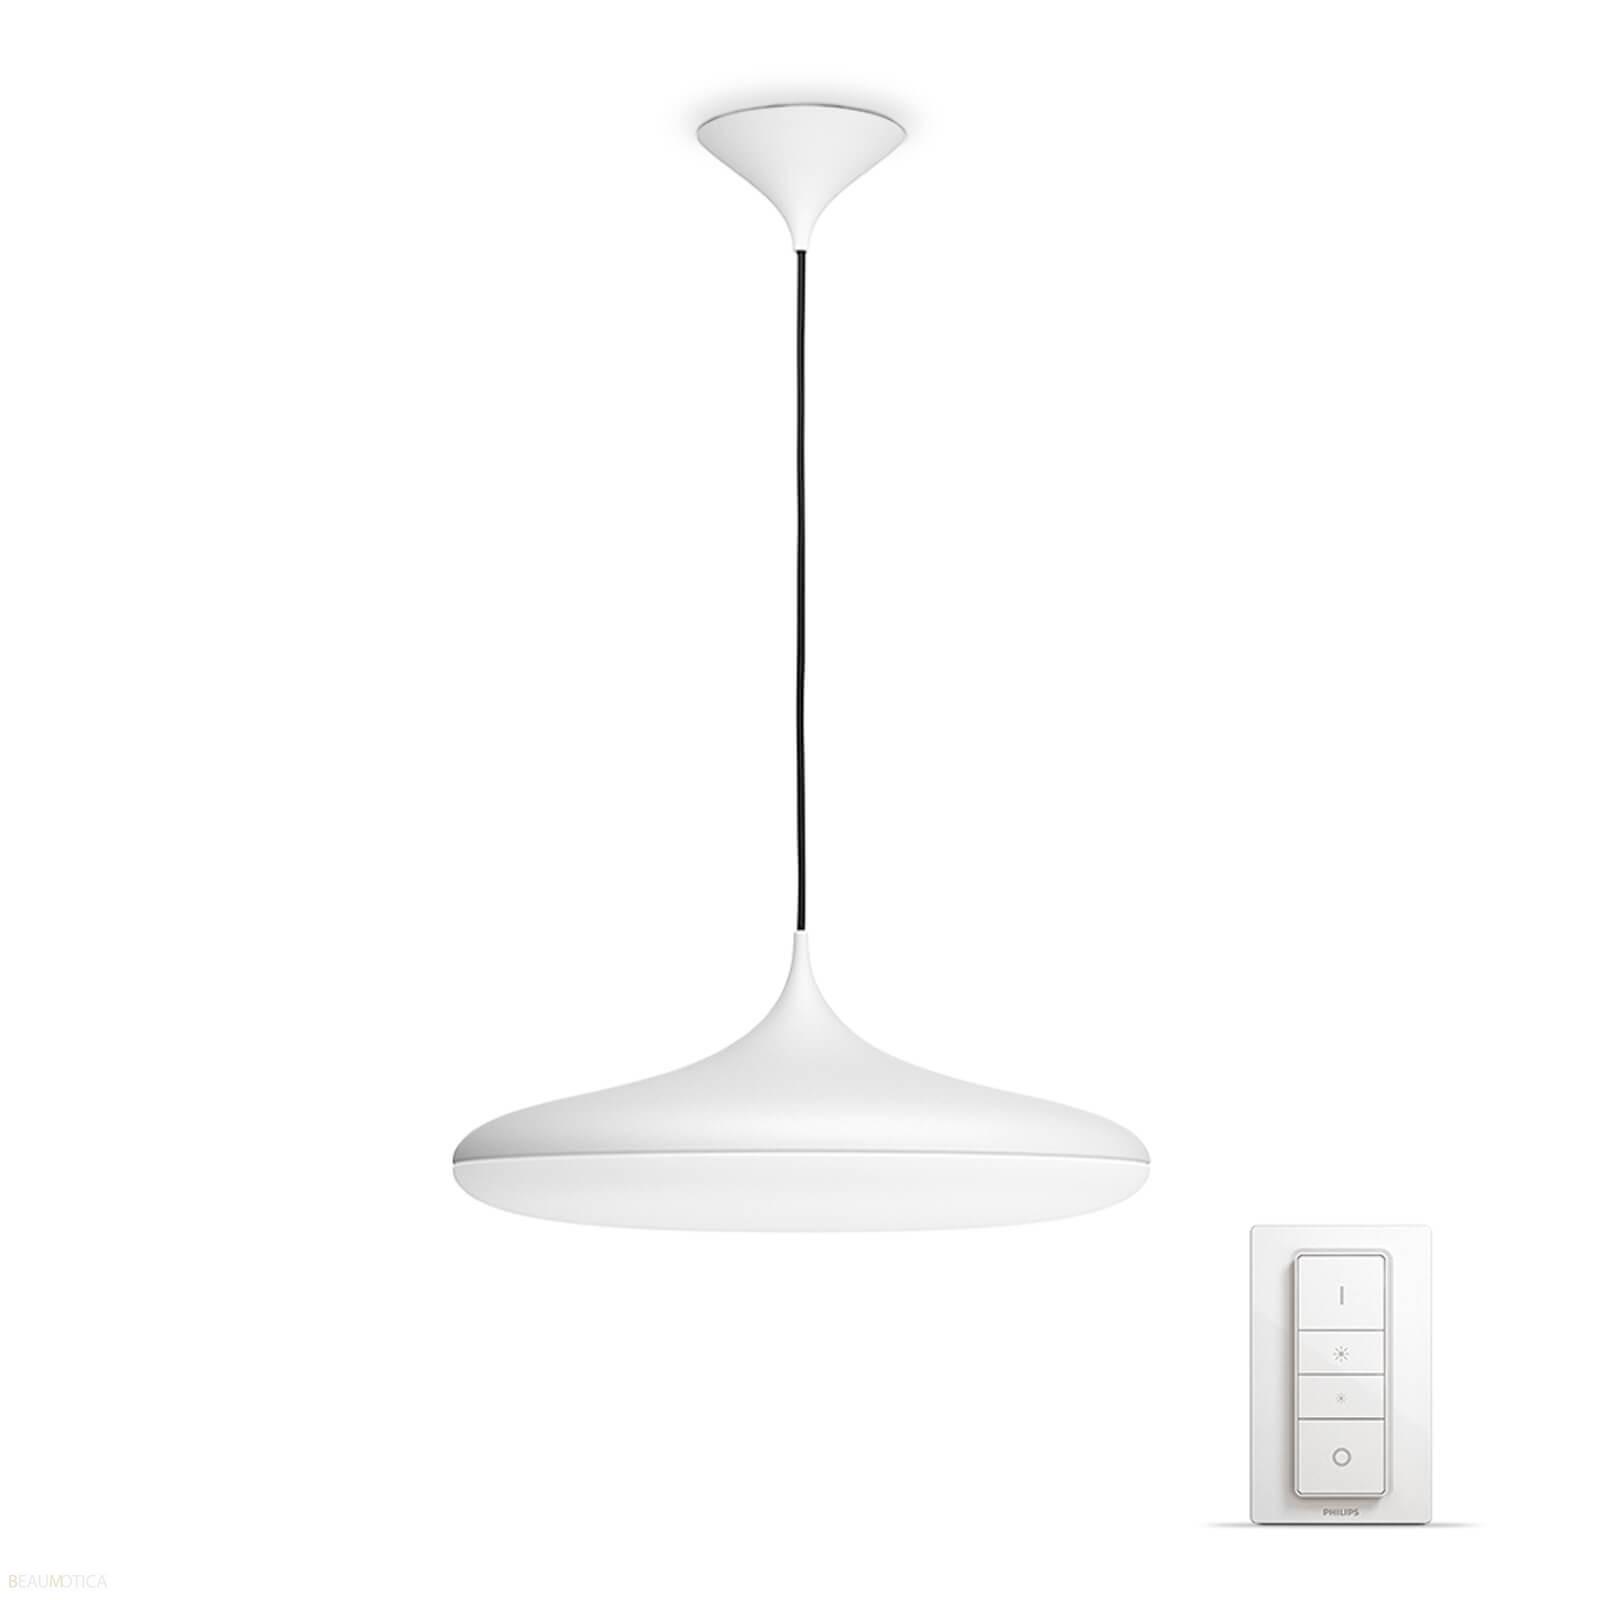 hanglamp armatuur amazing artikel model hanglamp voorzien van led deze hanglamp valt direct op. Black Bedroom Furniture Sets. Home Design Ideas